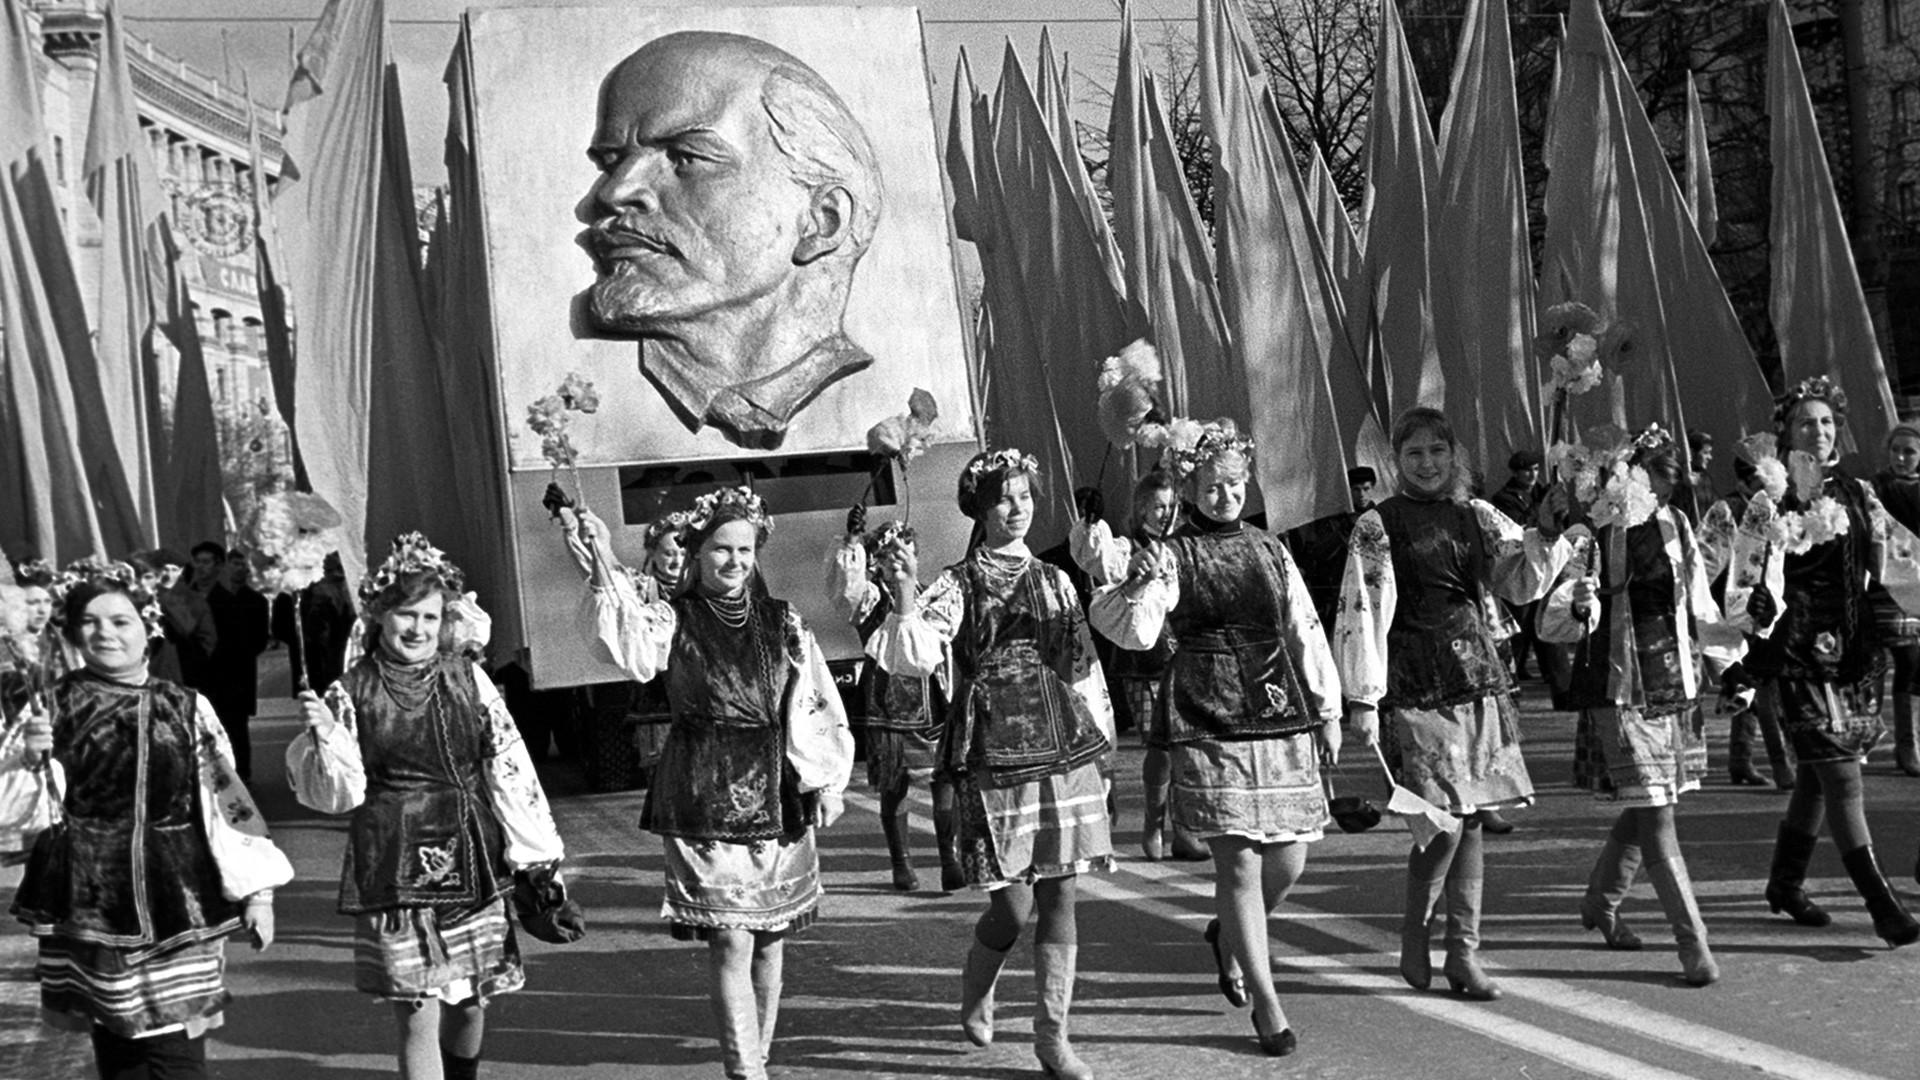 Честване на 53-та годишнина от Голямата октомврийска социалистическа революция, 1970 г.